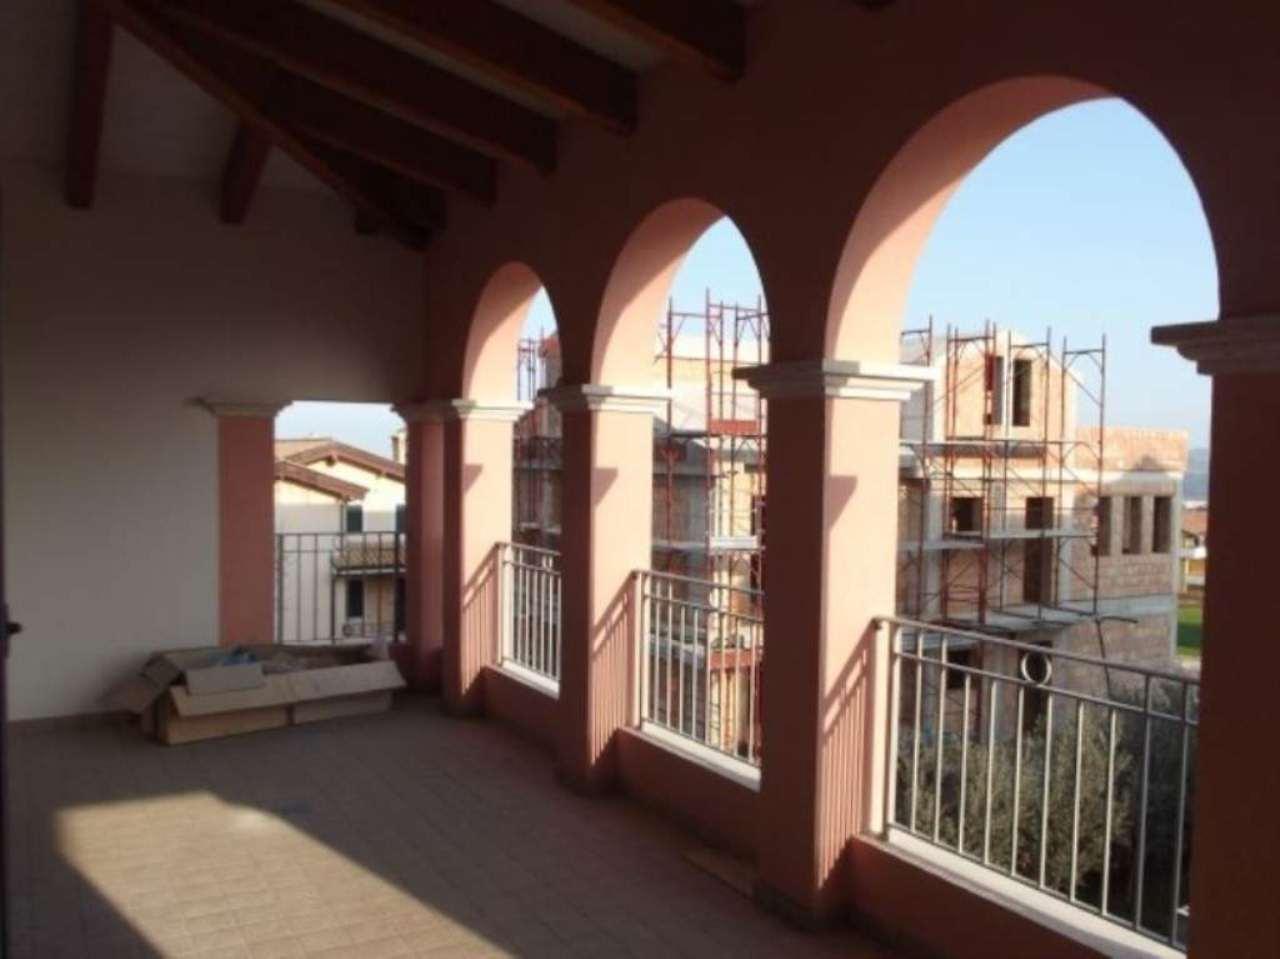 Appartamento in vendita a Mosciano Sant'Angelo, 3 locali, prezzo € 135.000 | Cambio Casa.it